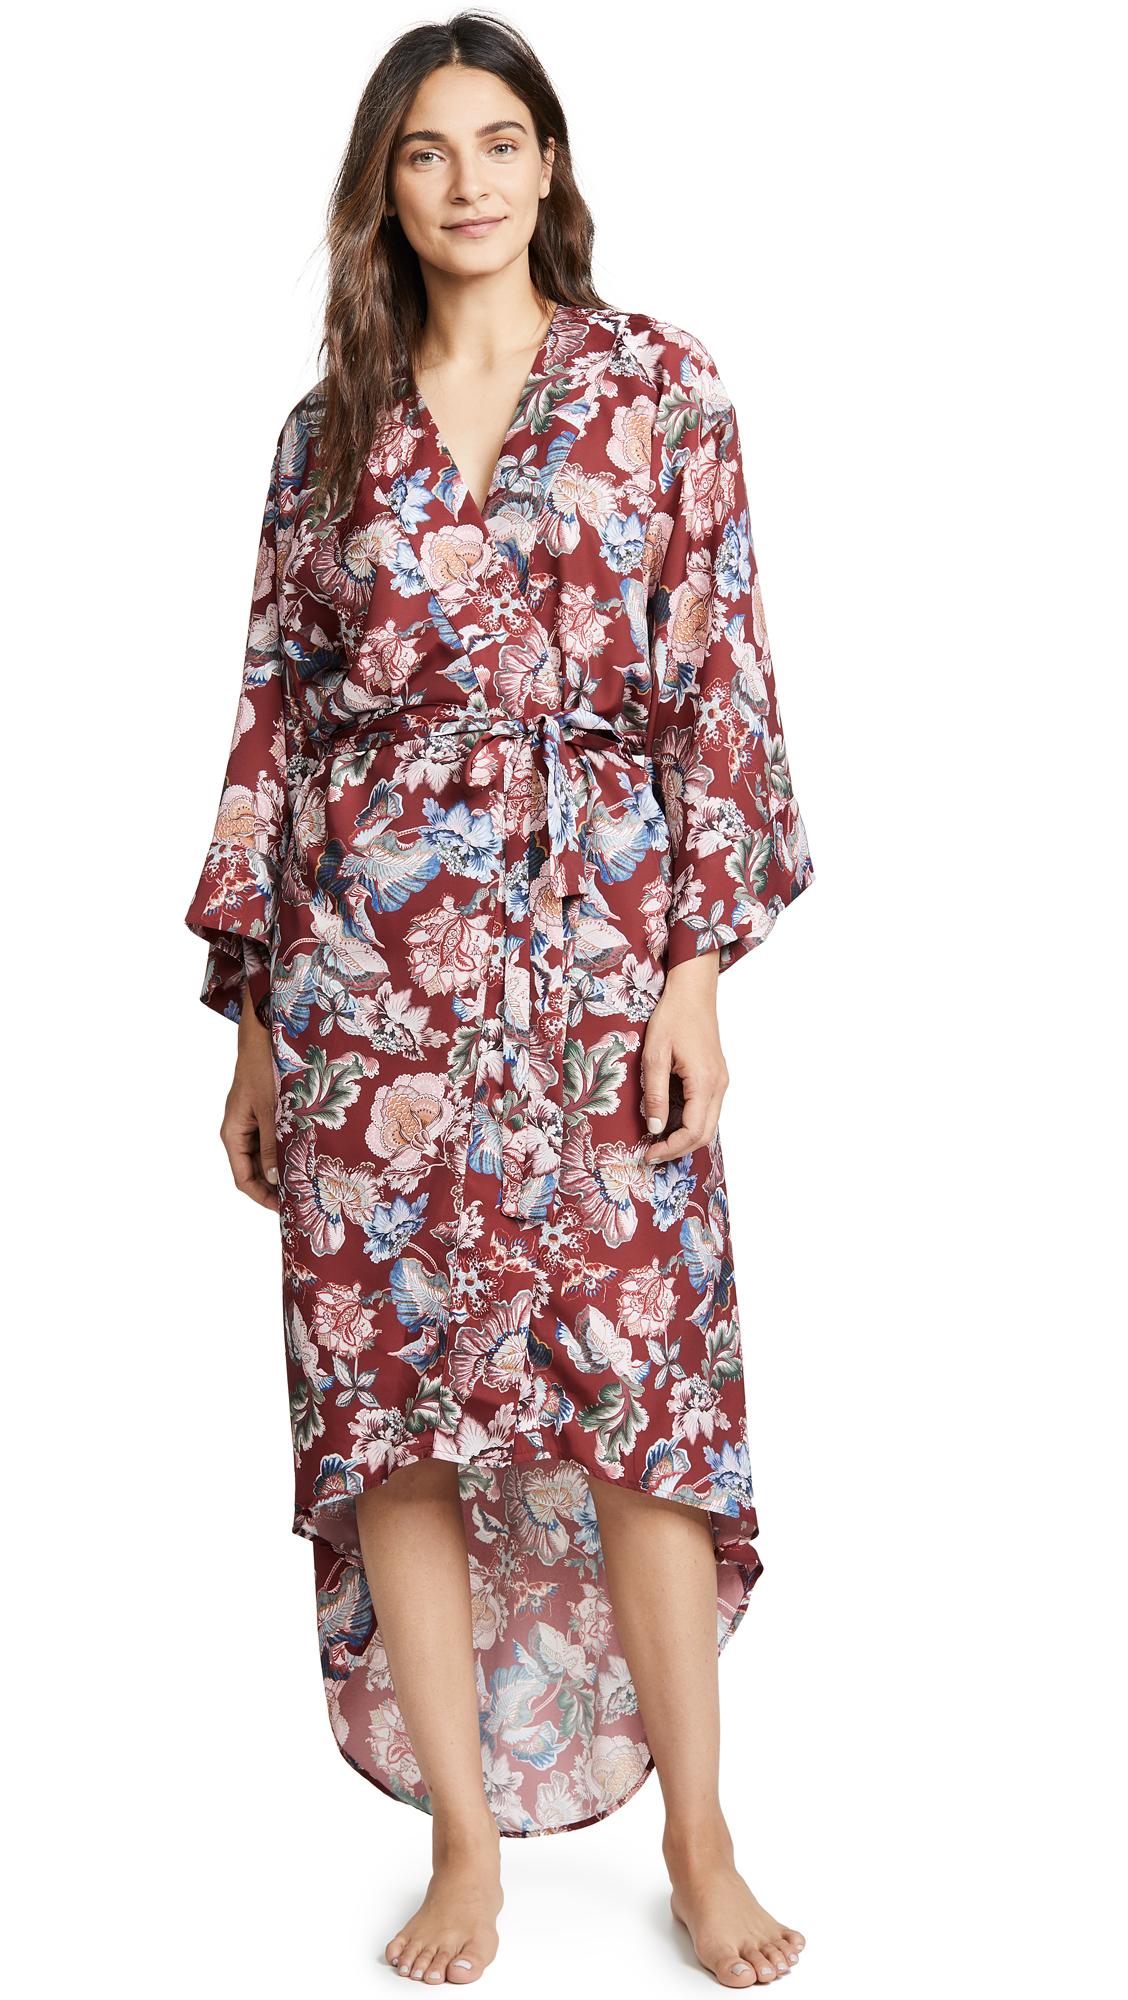 MAISON DU SOIR Isabella Robe in Brick Red Floral